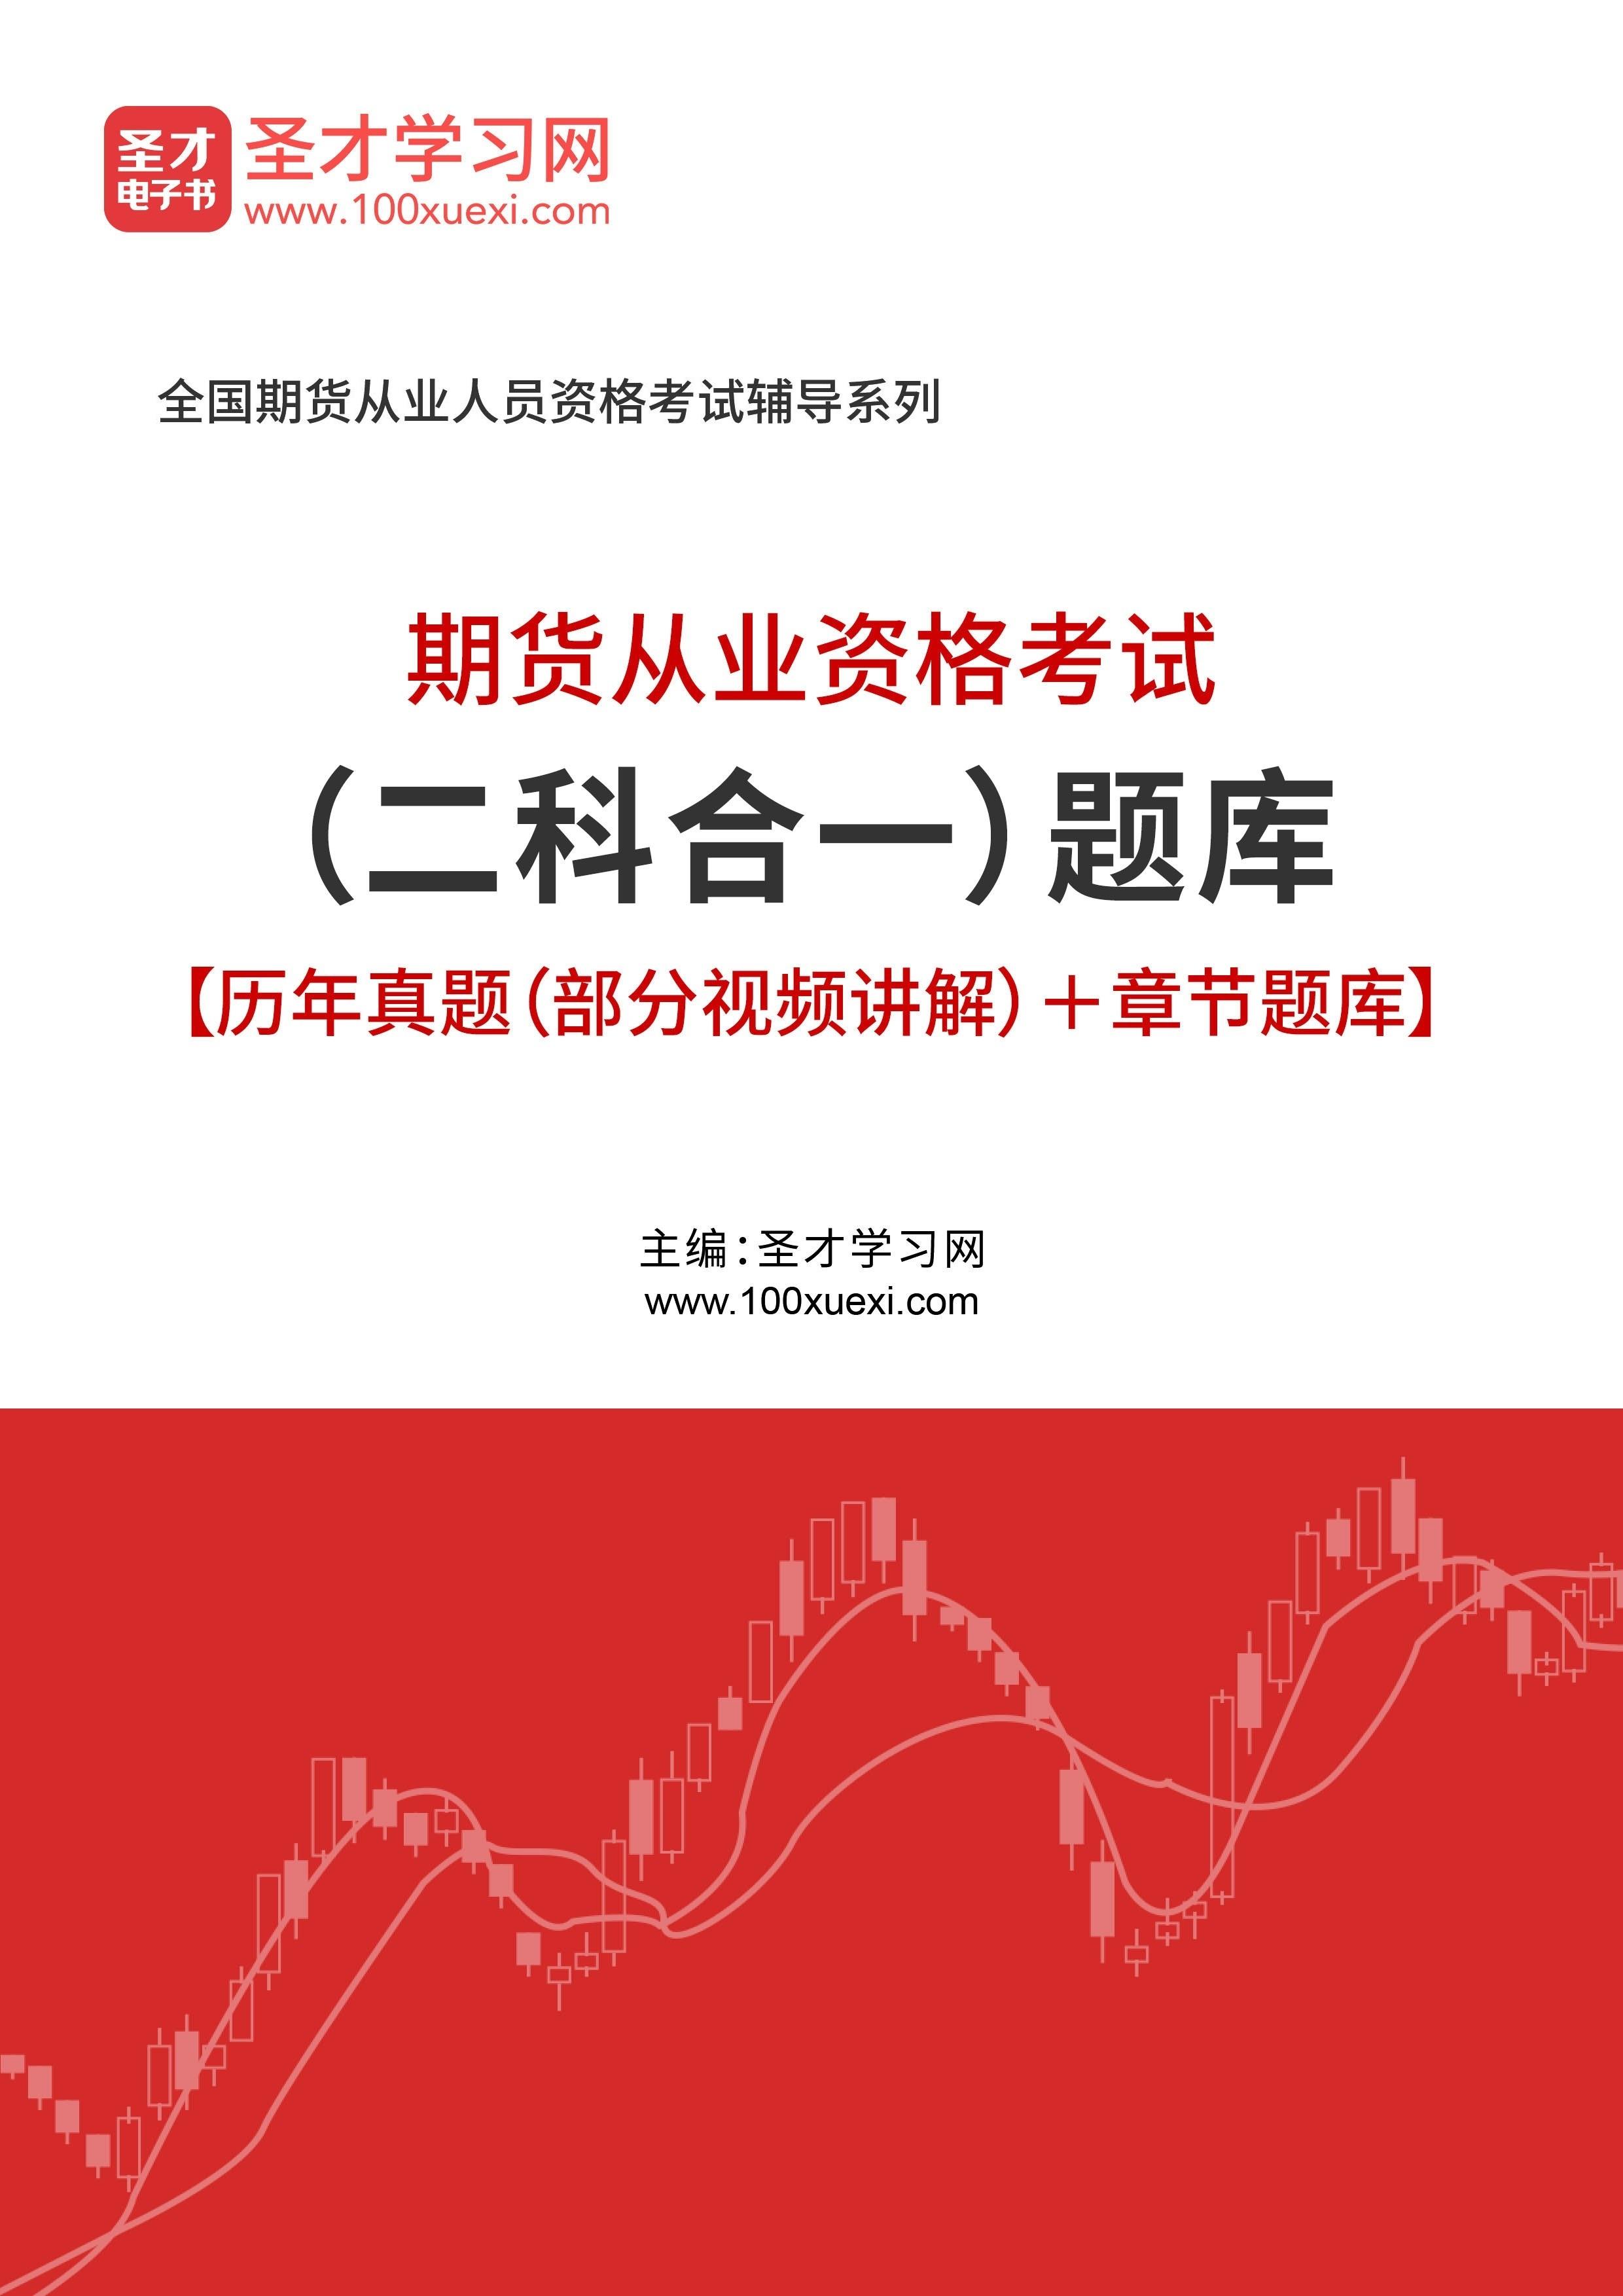 2021年期貨從業資格考試(二科合一)題庫【歷年真題(部分視頻講解)+章節題庫】